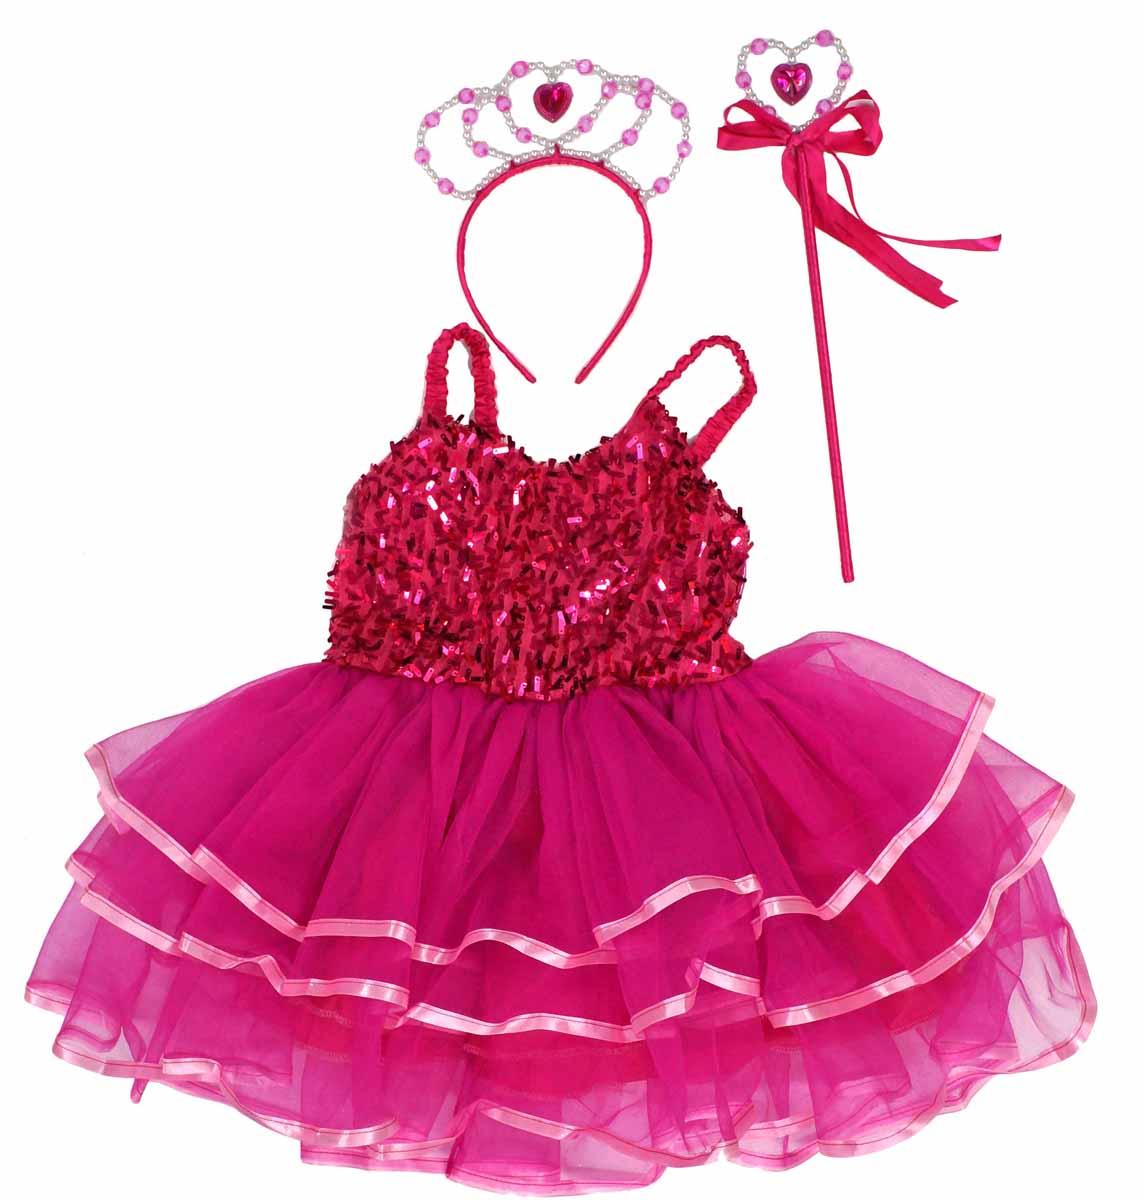 Новогодняя сказка Карнавальный костюм для девочки Дюймовочка цвет розовый incity карнавальный костюм единорог